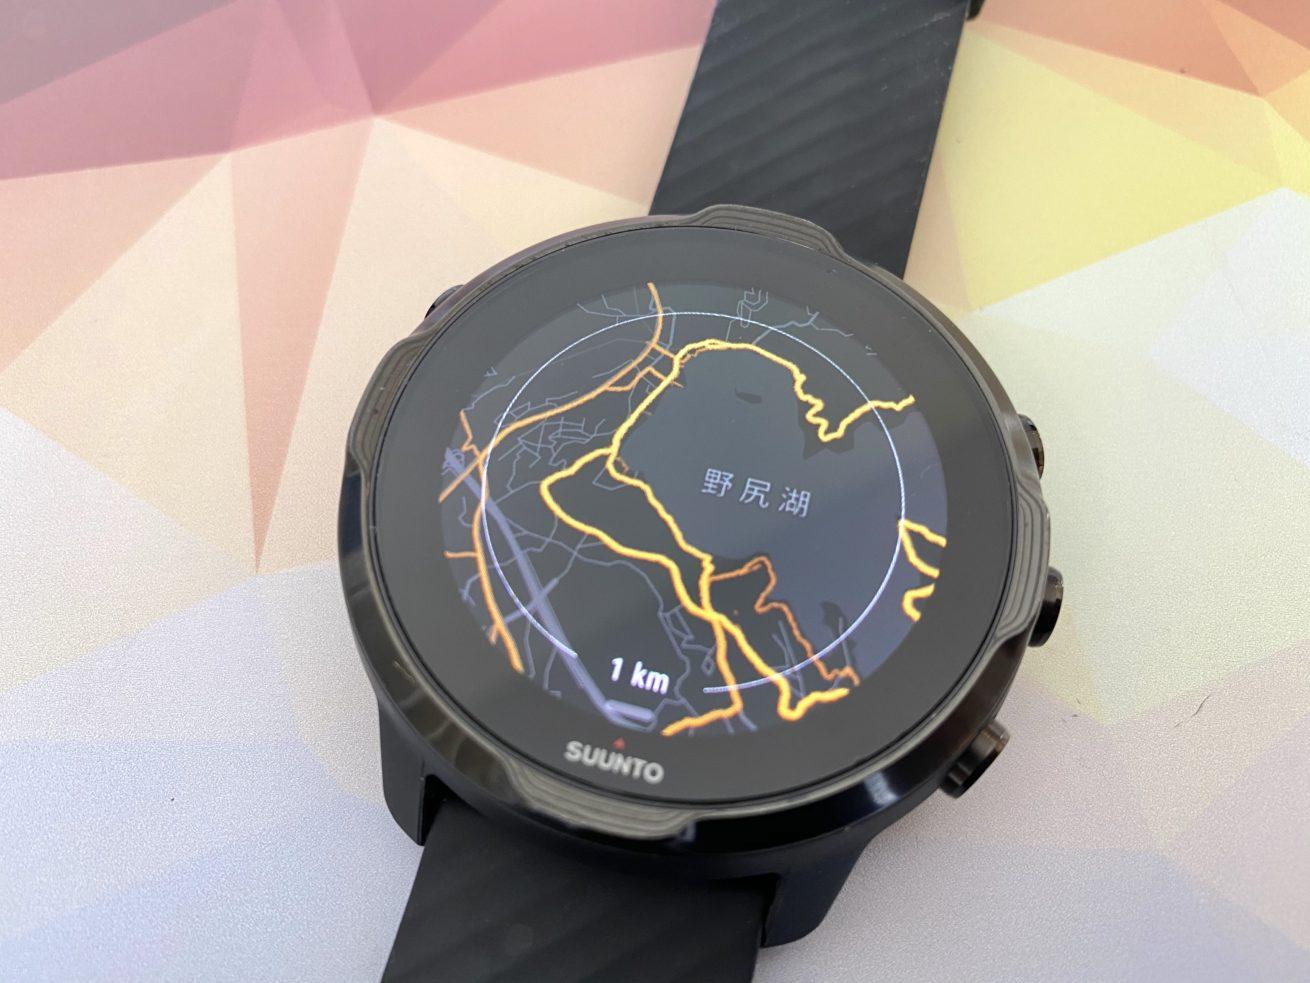 時計側のヒートマップ